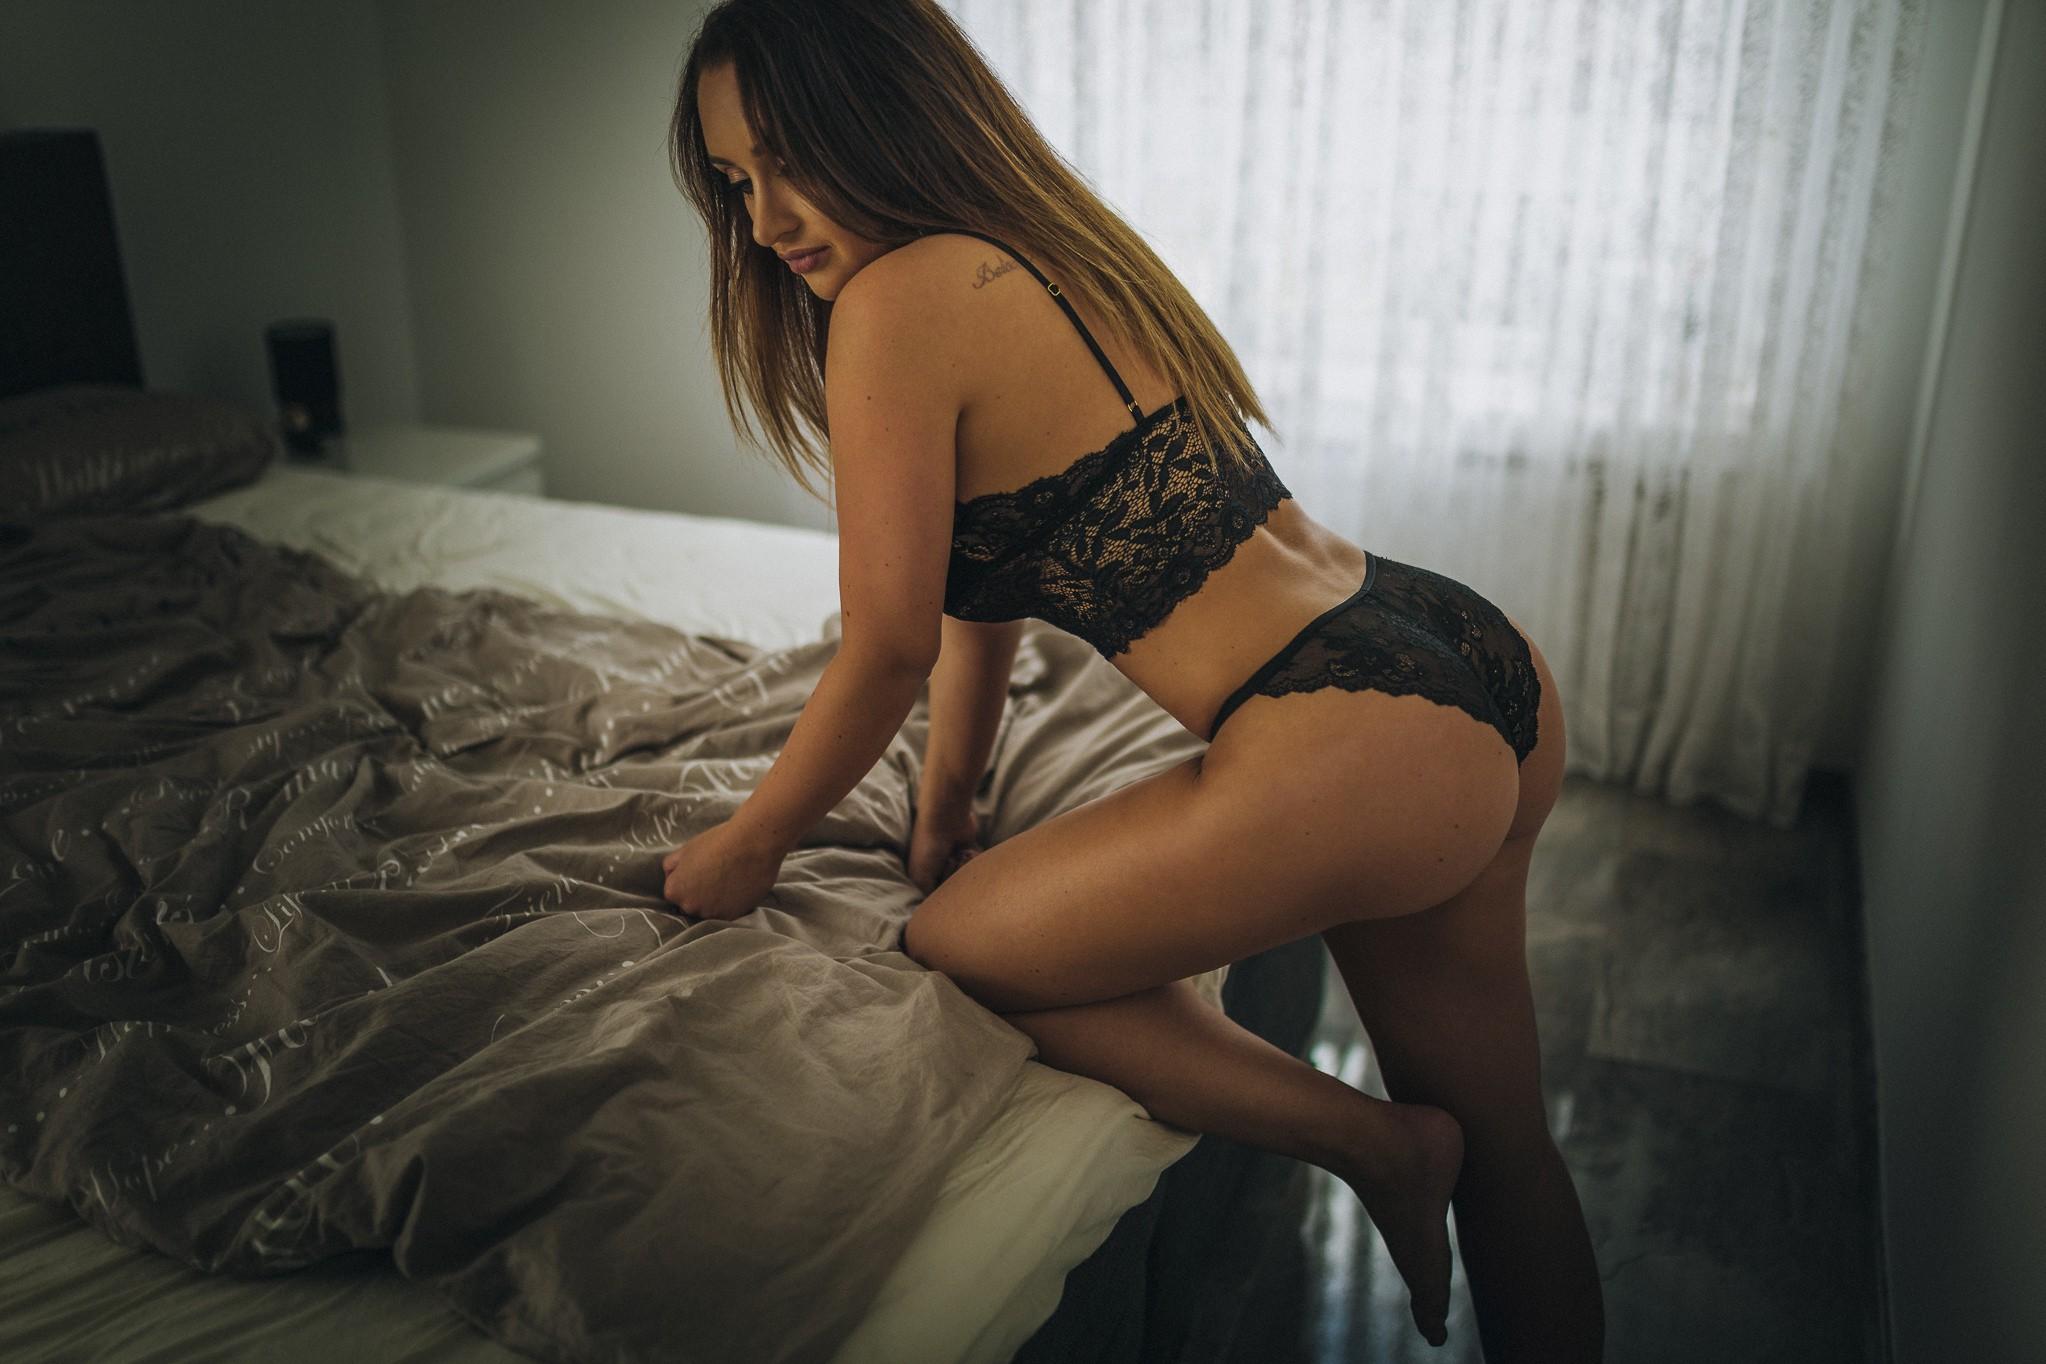 фотосессия девушки в нижнем белье домашнее секс обмен